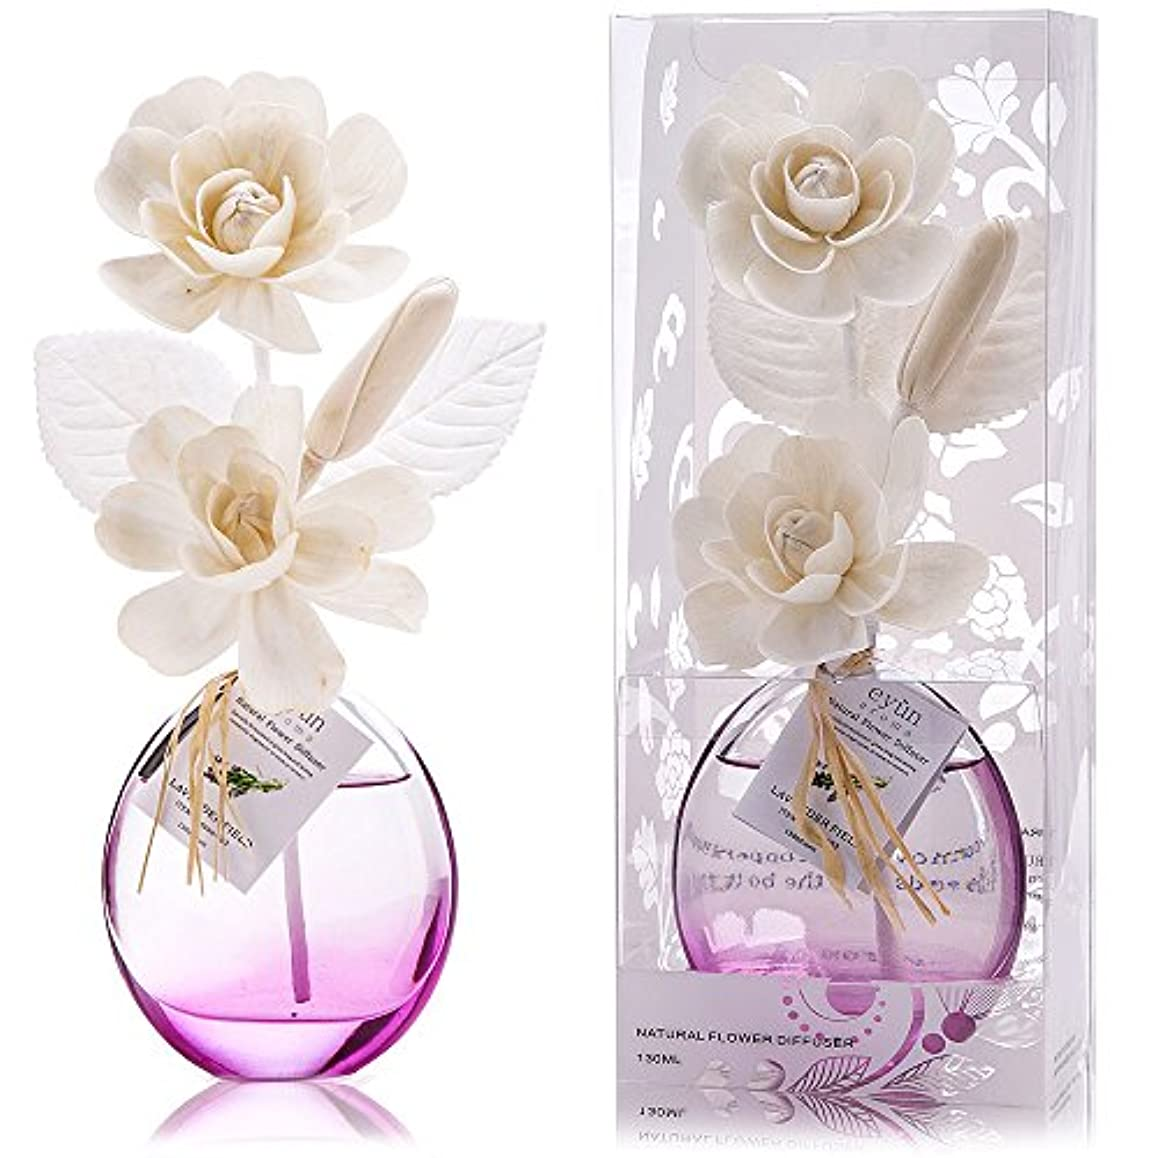 保全干ばつ縞模様の誕生日 プレゼント に A03 ルームフレグランス (花瓶:紫、香り:ラベンダー)